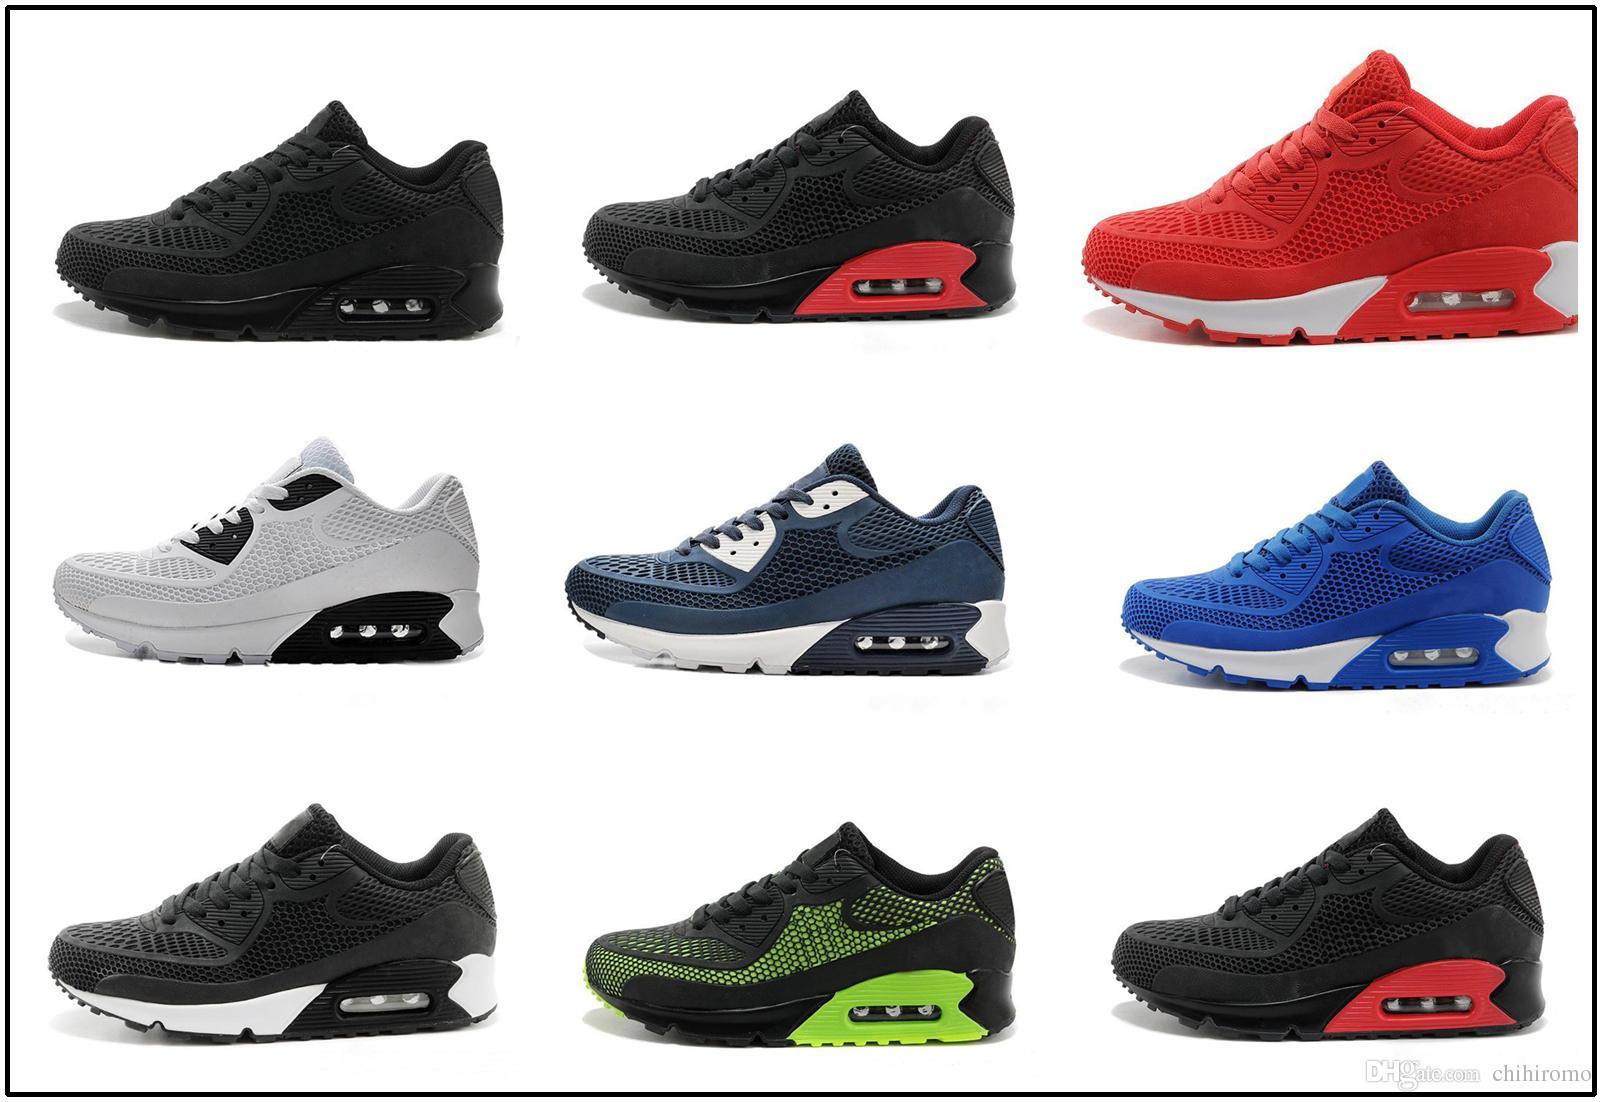 nike air max 90 kpu airmax Nuevo Cushion 90 KPU Hombre Zapatillas deportivas de alta calidad Zapatillas clásicas Baratas 10 colores Calzado deportivo